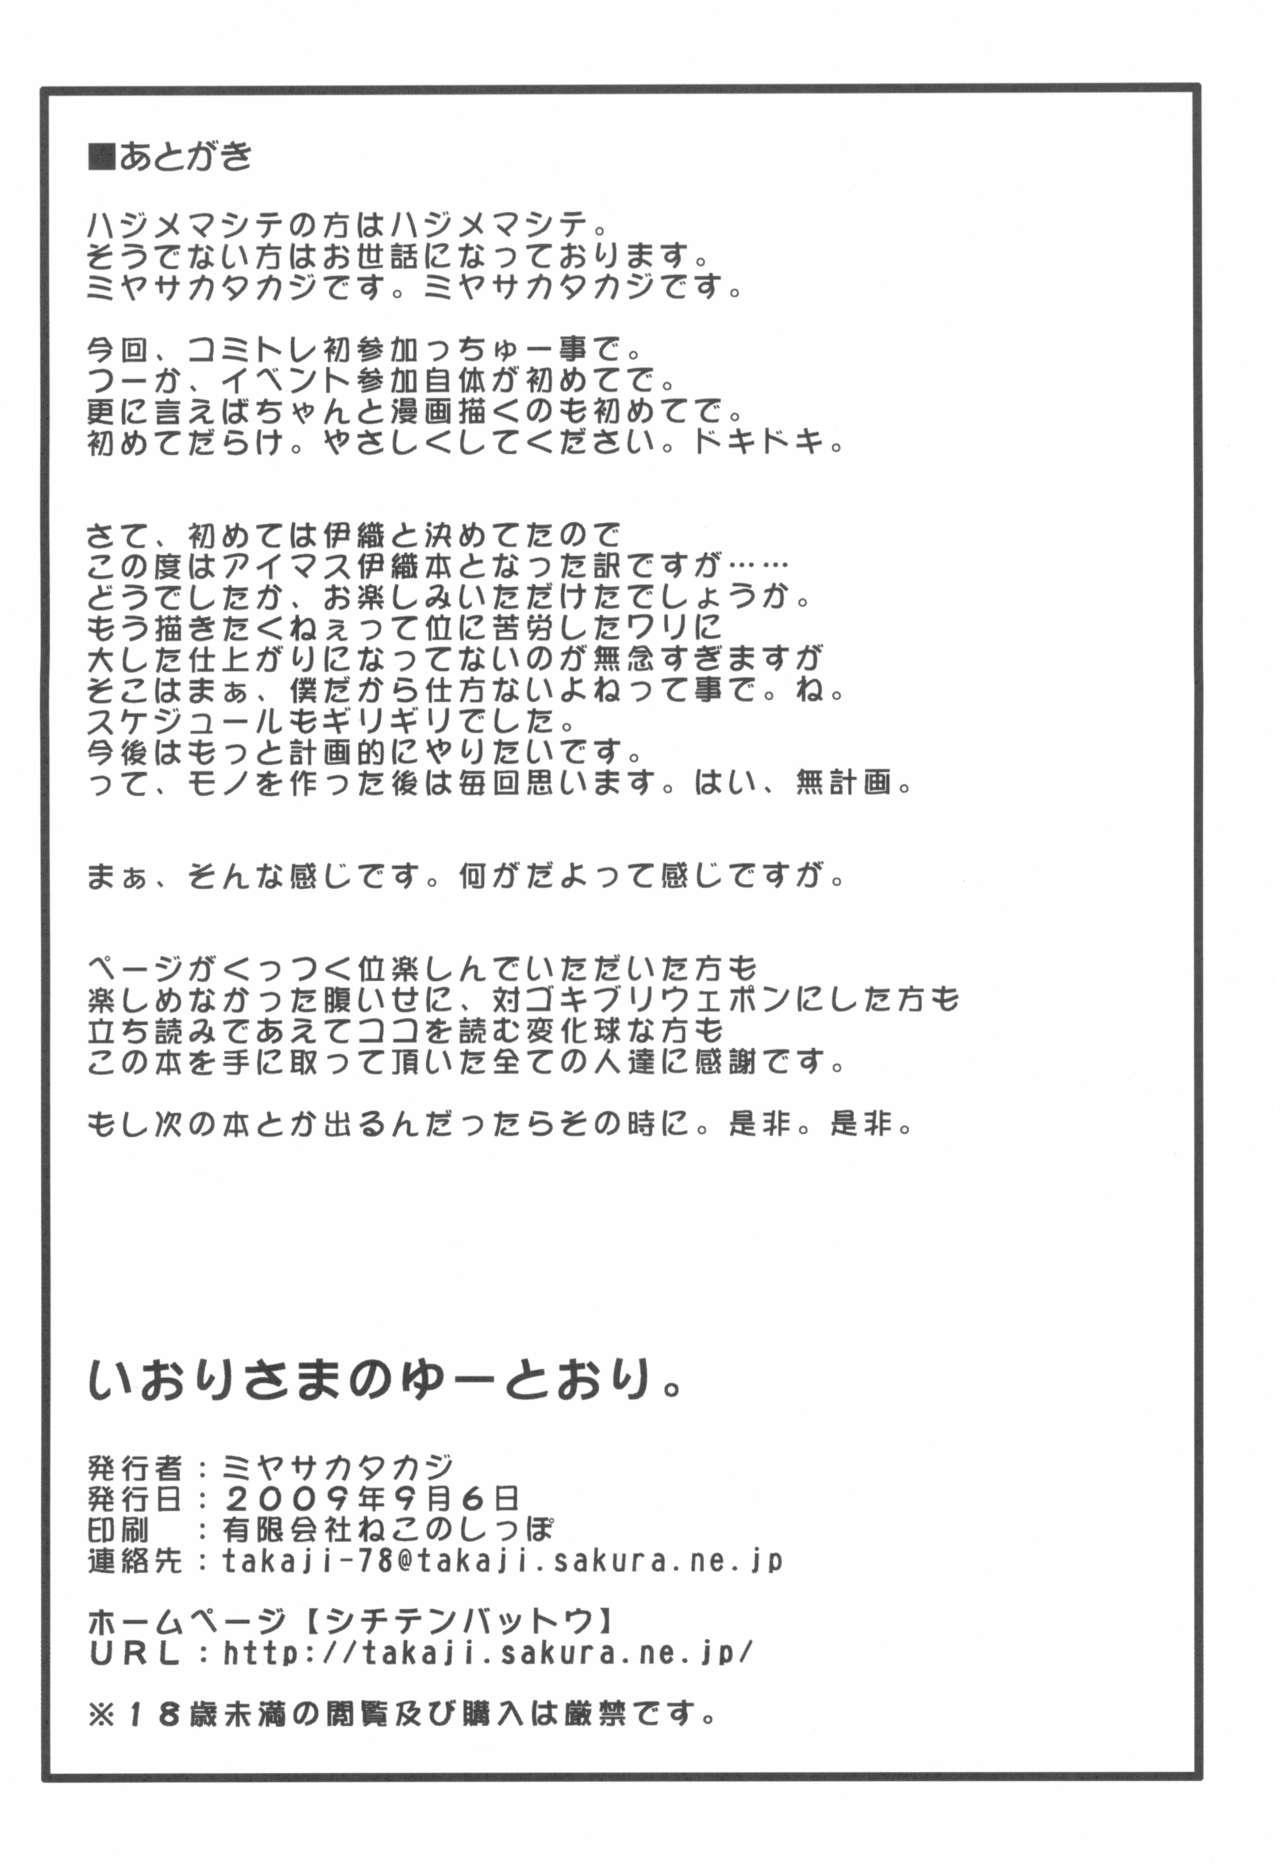 (CT14) [Shichiten Battou (Miyasaka Takaji)] Iori-sama no Yu-toori. (THE iDOLM@STER) 17